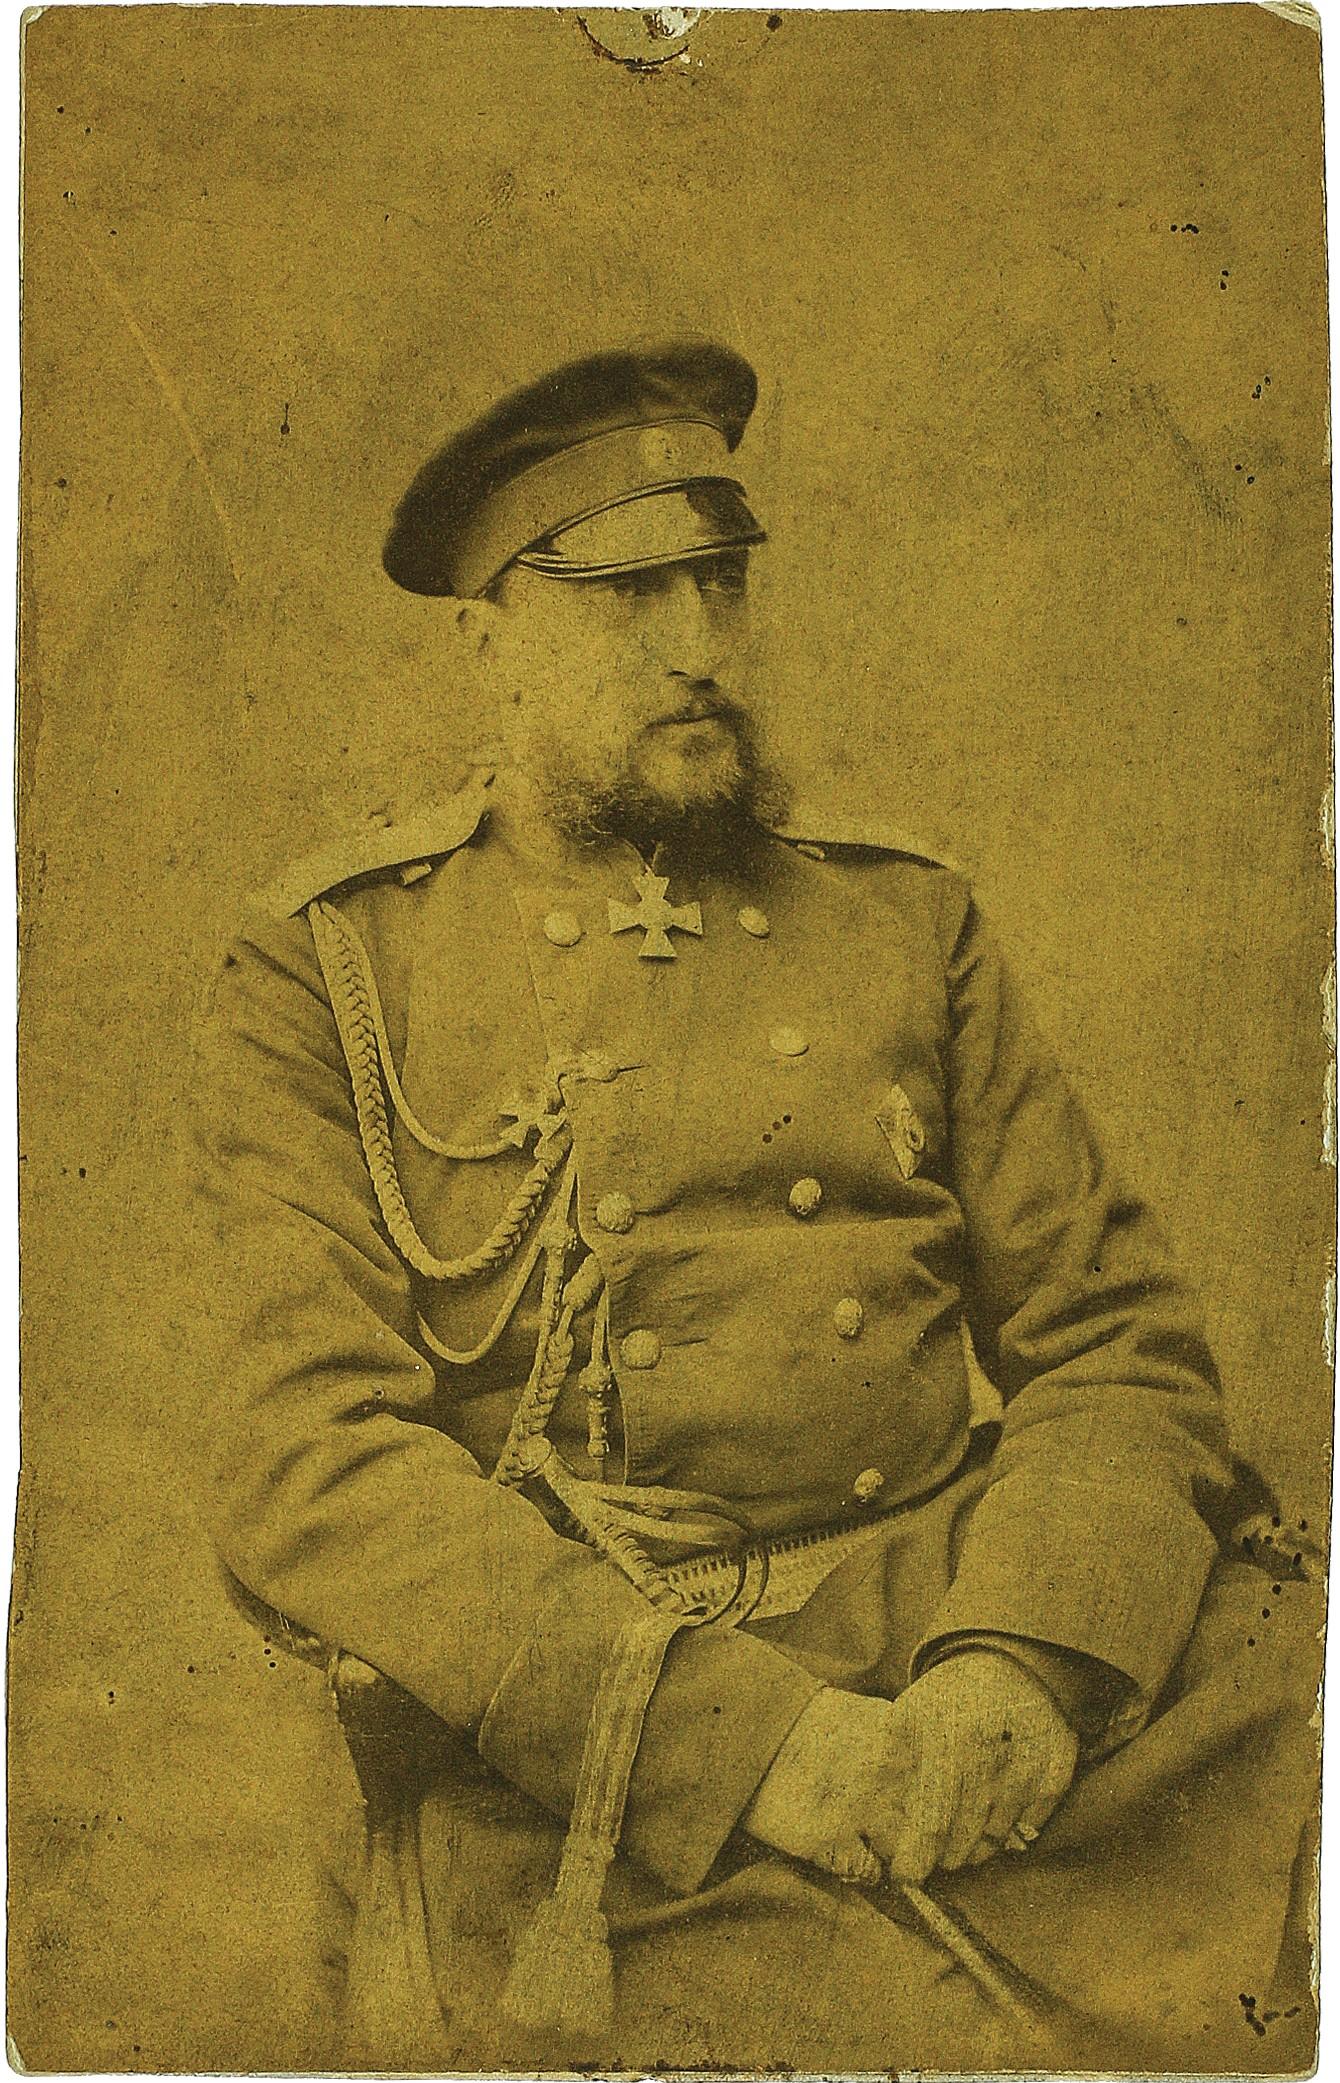 Фото главнокомандующего Великого Князя Николая Николаевича Старшего. 1878